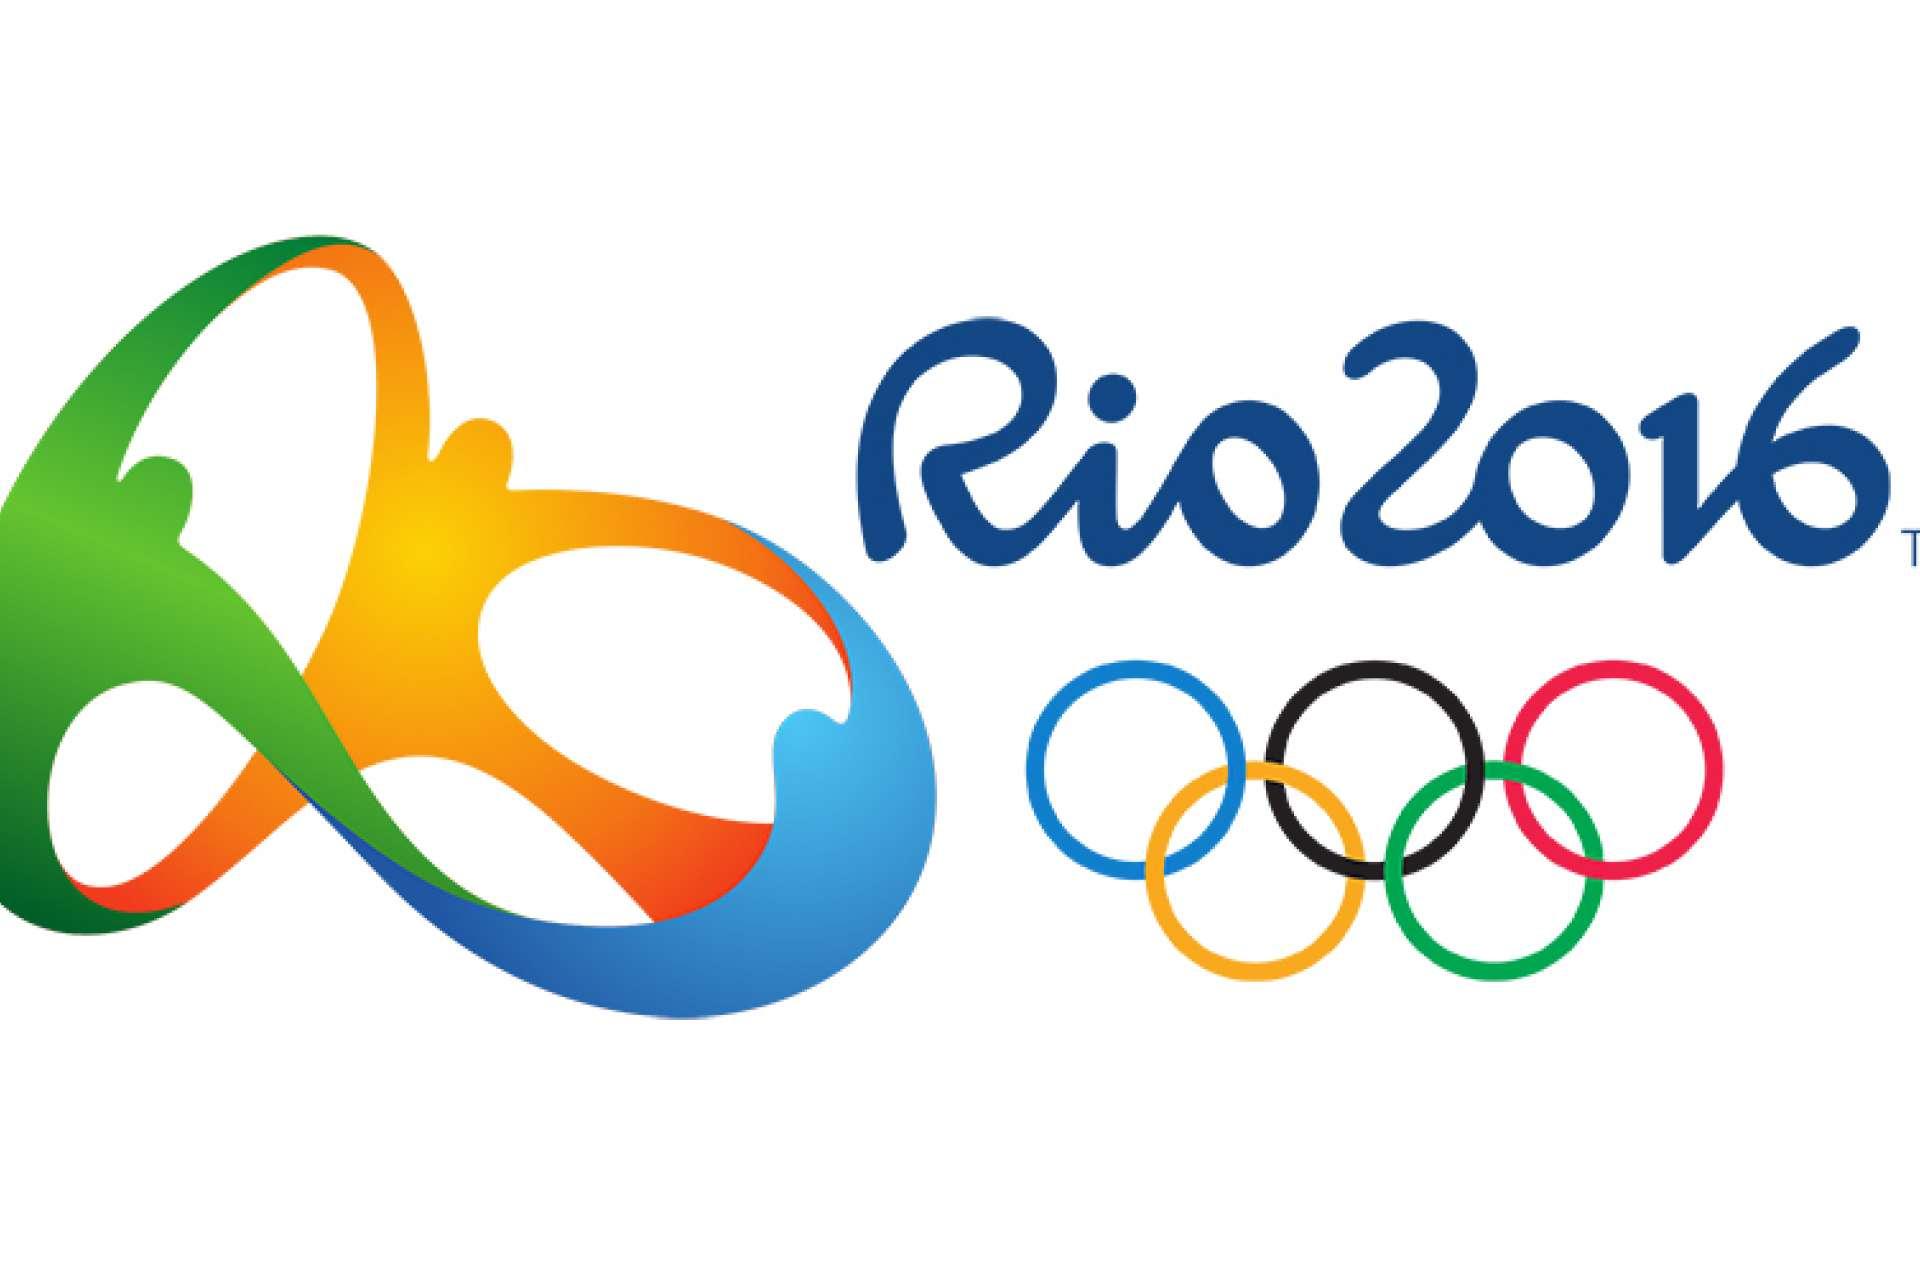 Jogos Olímpicos Rio 2016 - Tuvalu é o país que corre risco de sumir e deve participar dos Jogos por apenas 11 segundos